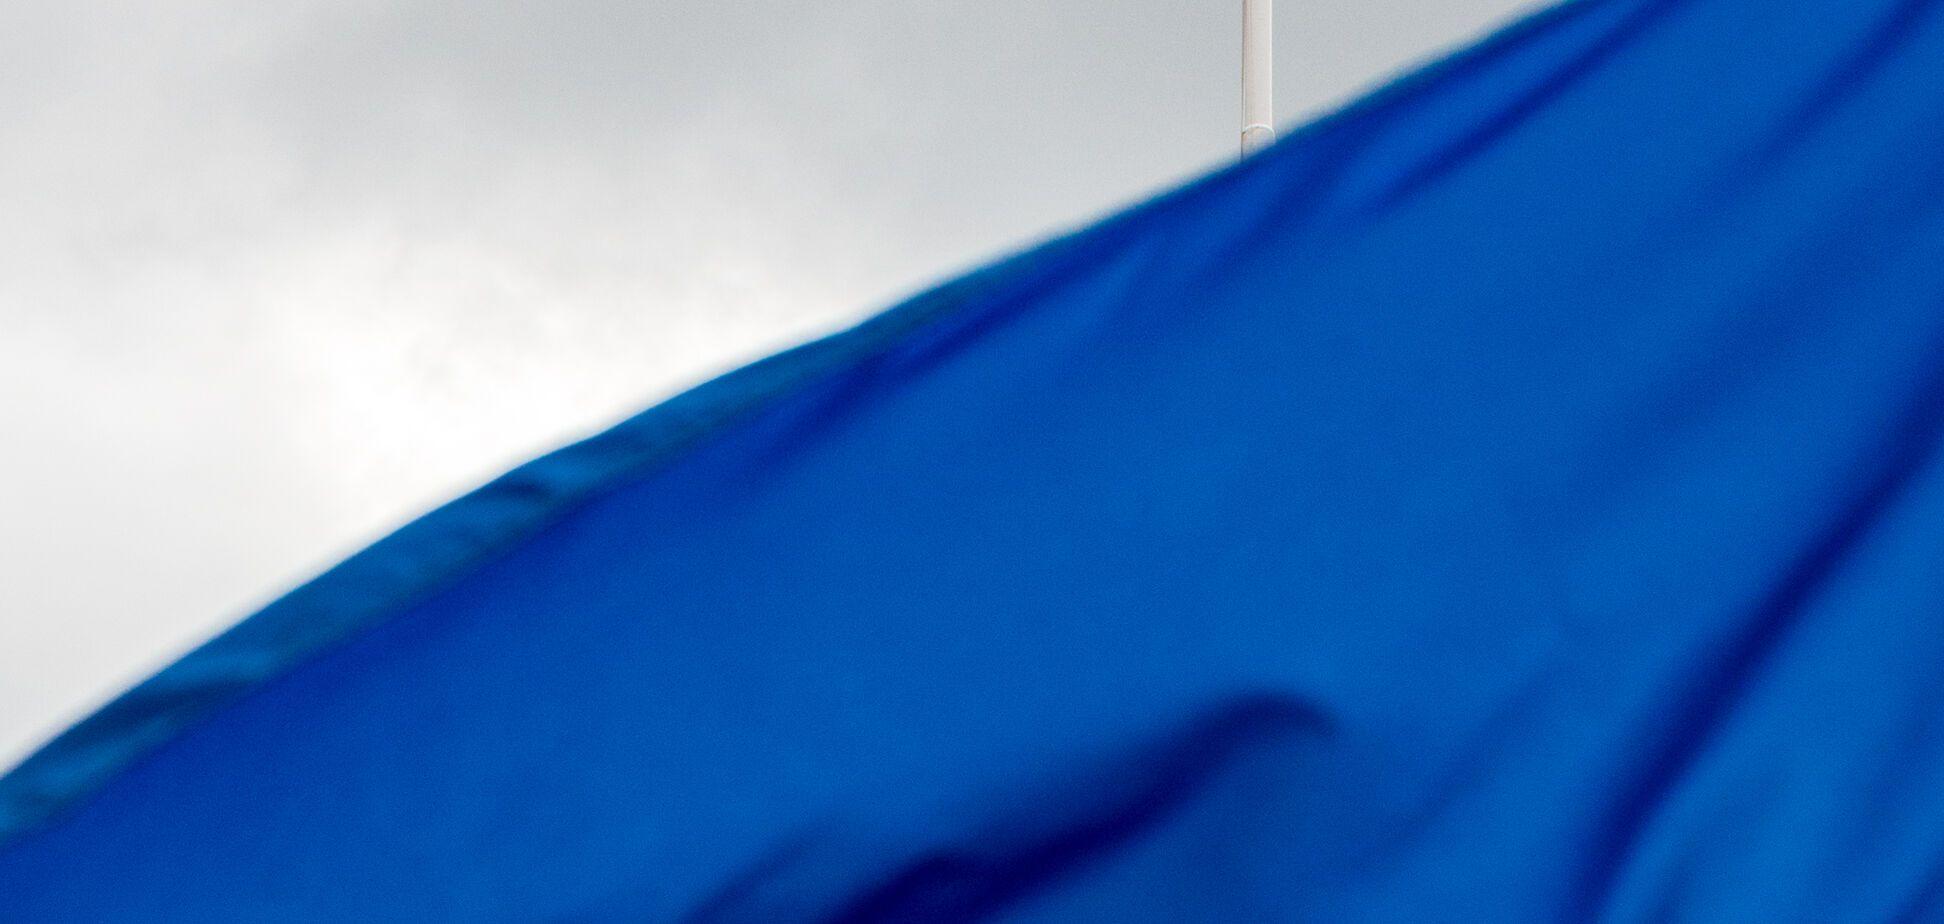 Україна вирішила підписати угоду про ЗВТ з однією із країн Європи